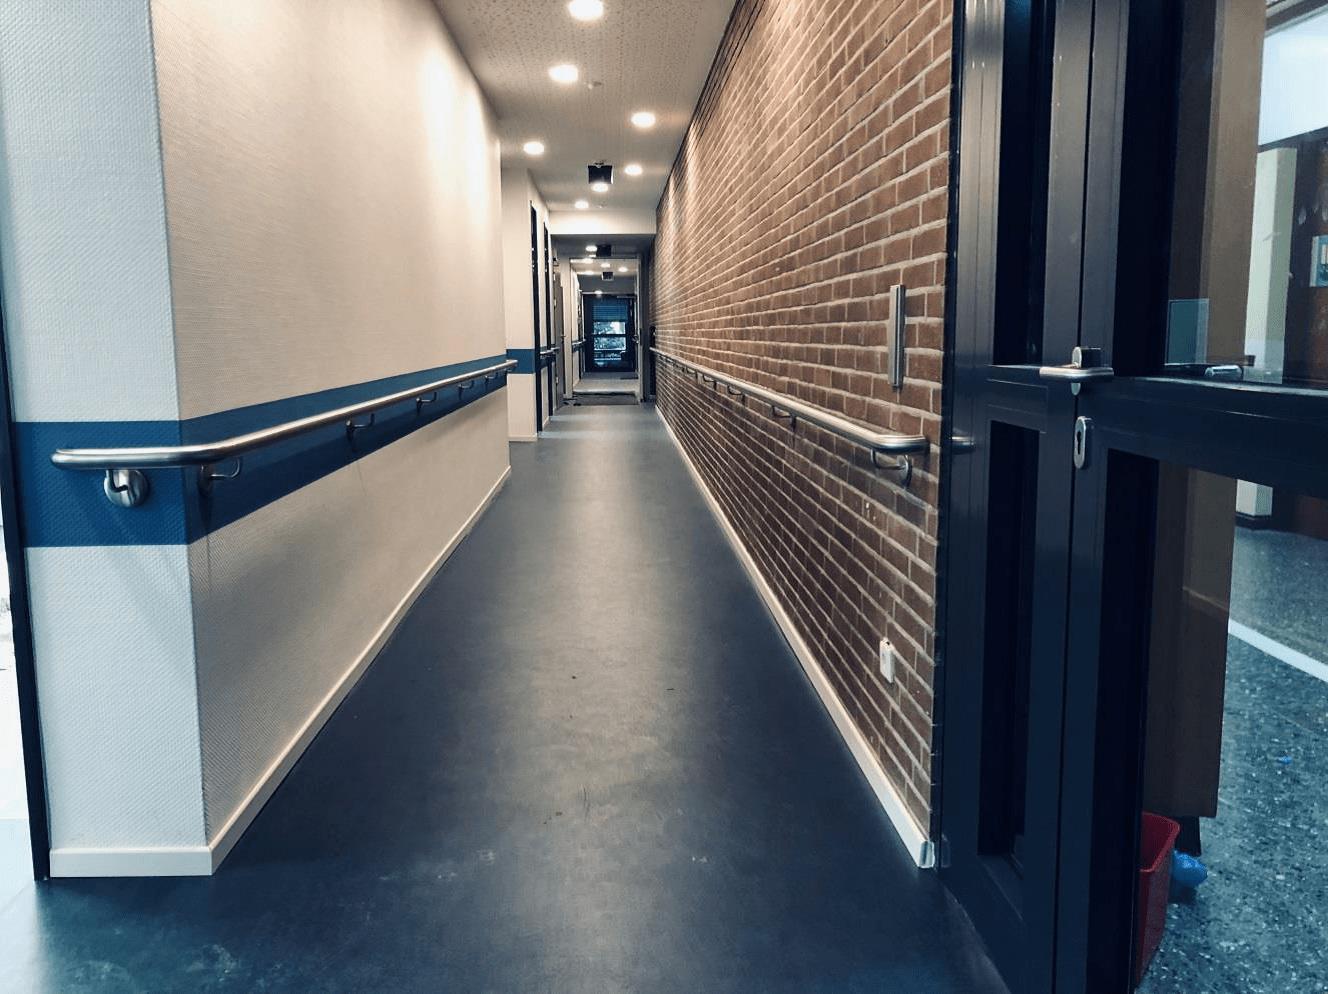 Fußboden mit Orientierungslinie